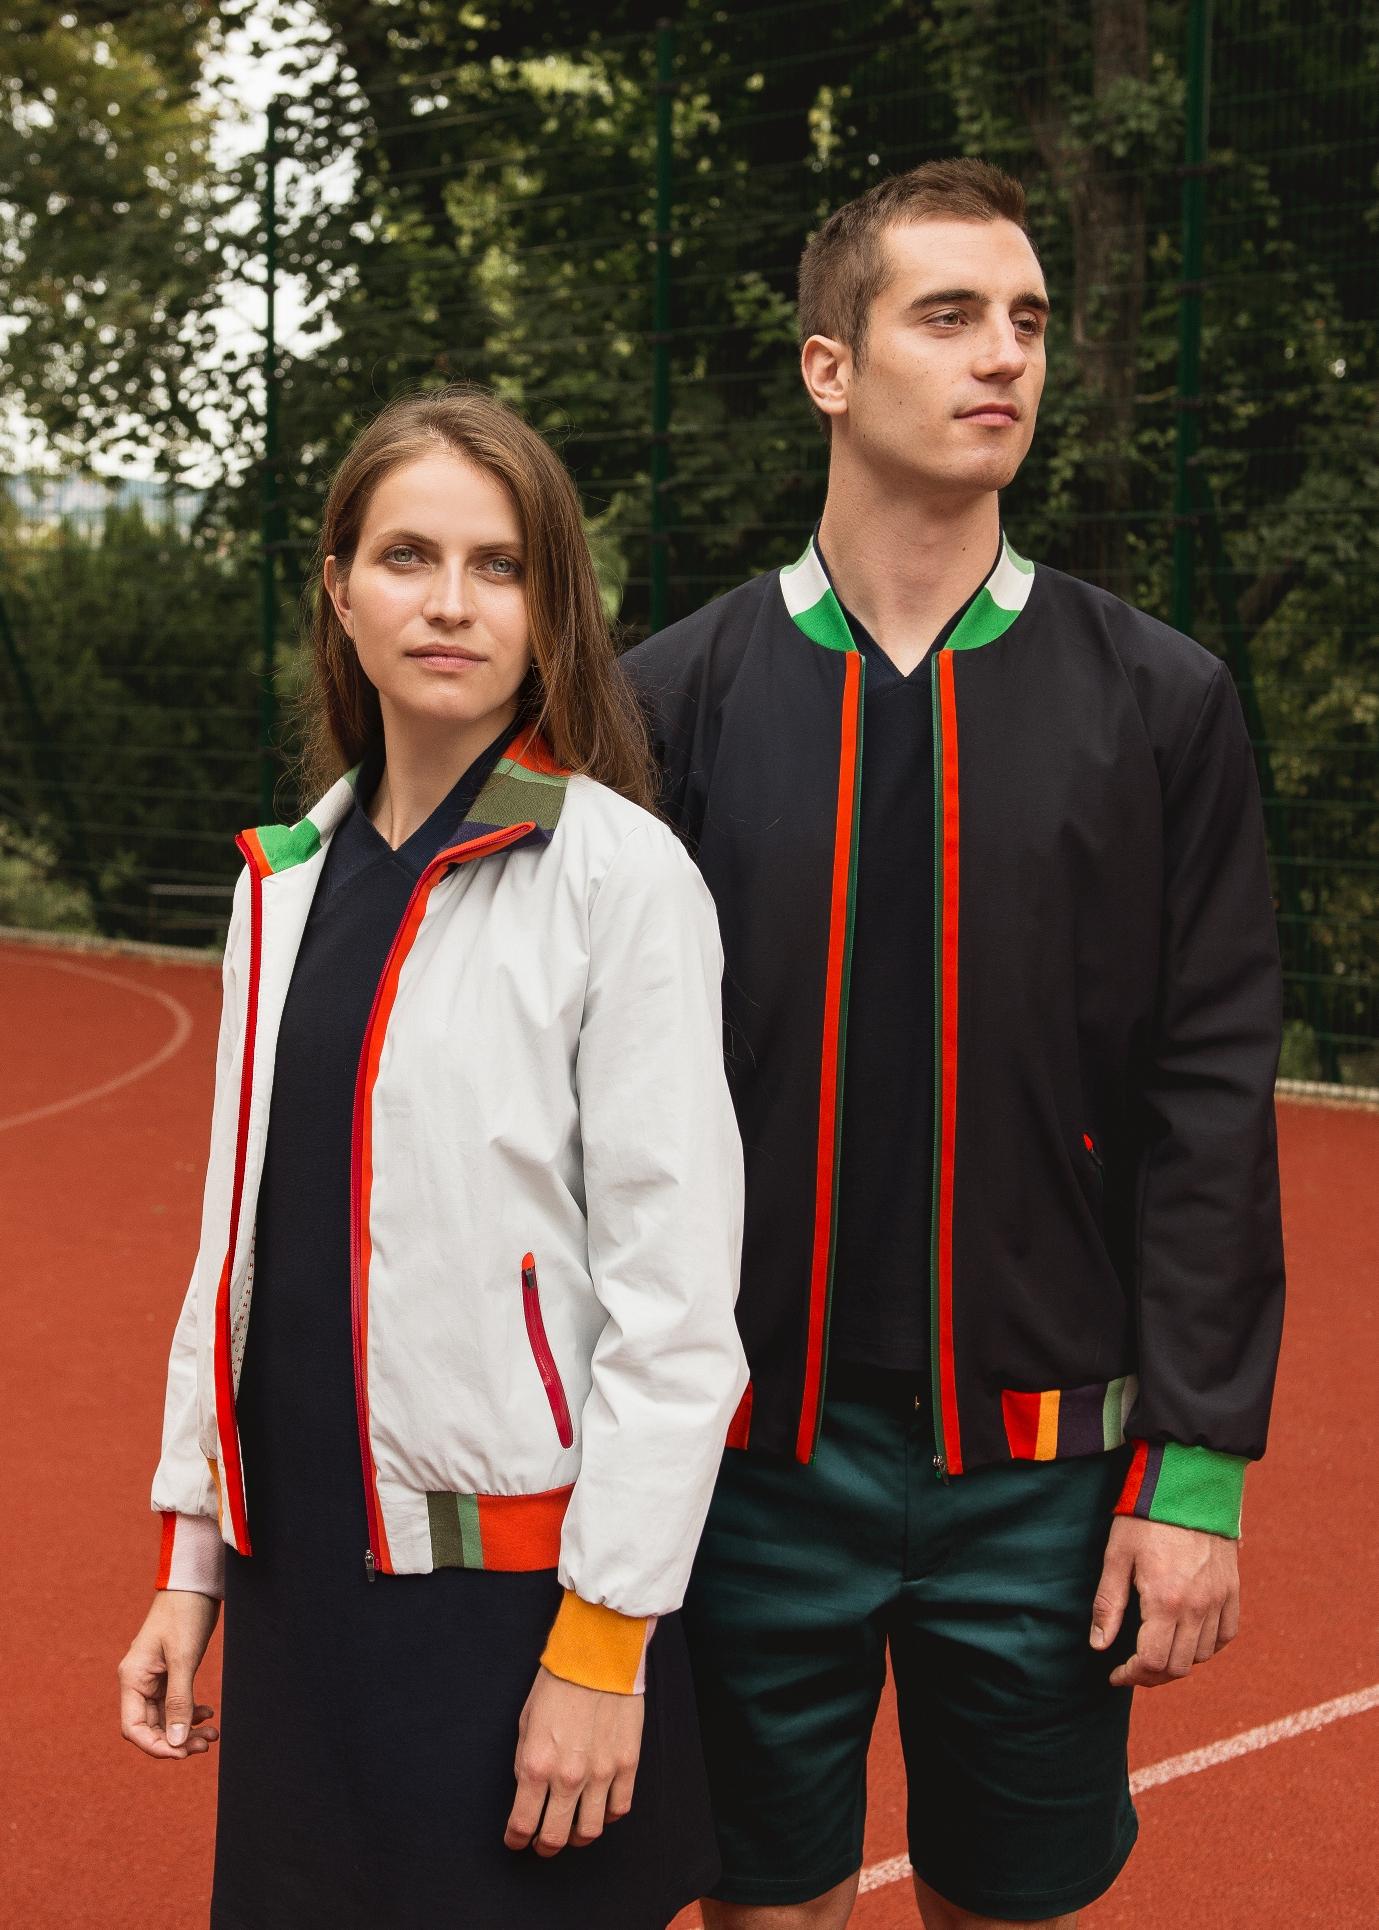 A modellek, Lukoviczki Réka és Halácsy Gergő